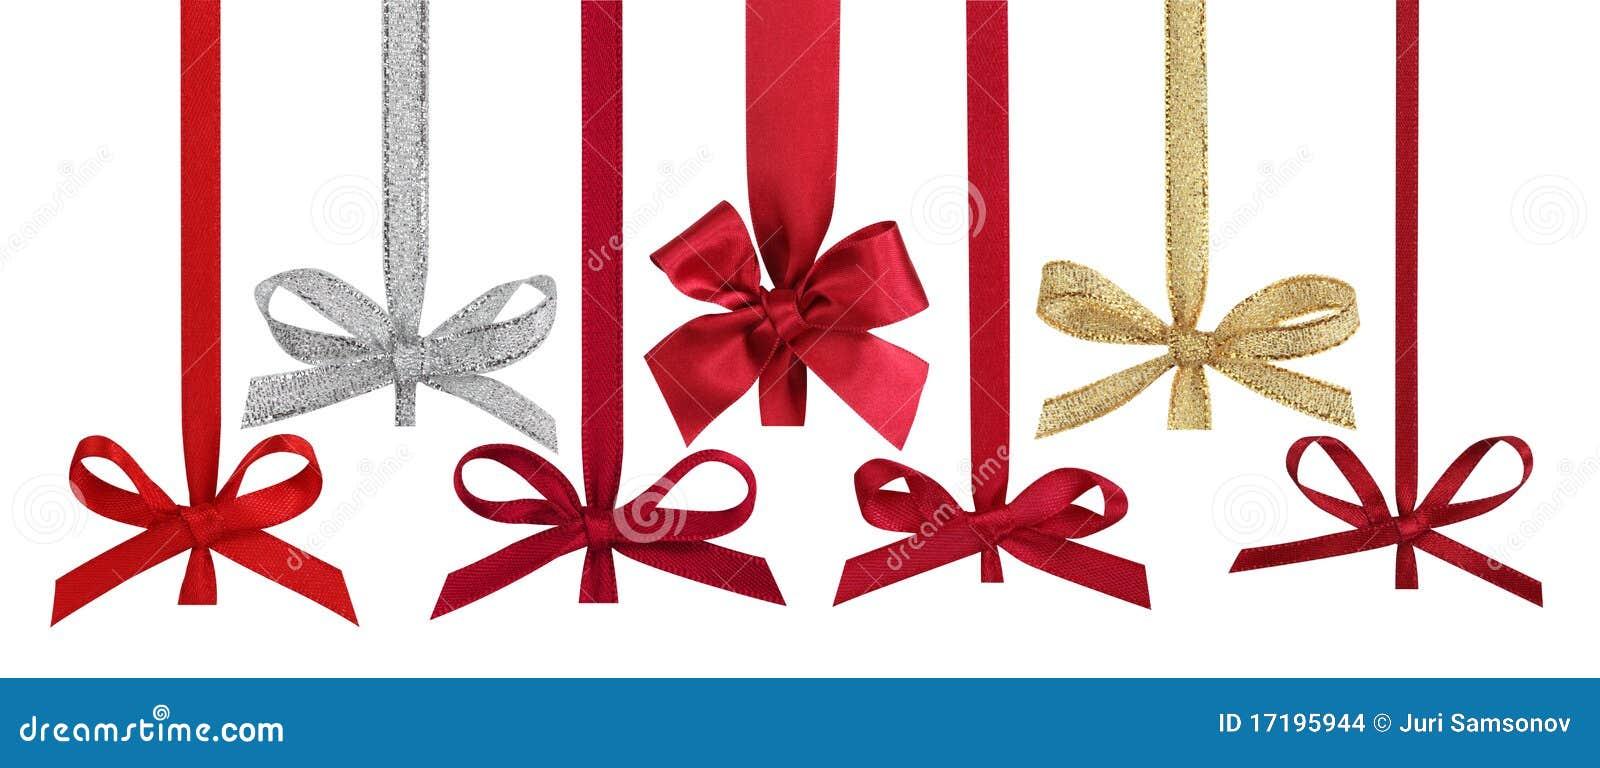 Verschiedene Farbbänder mit Bögen für Weihnachtskugeln.